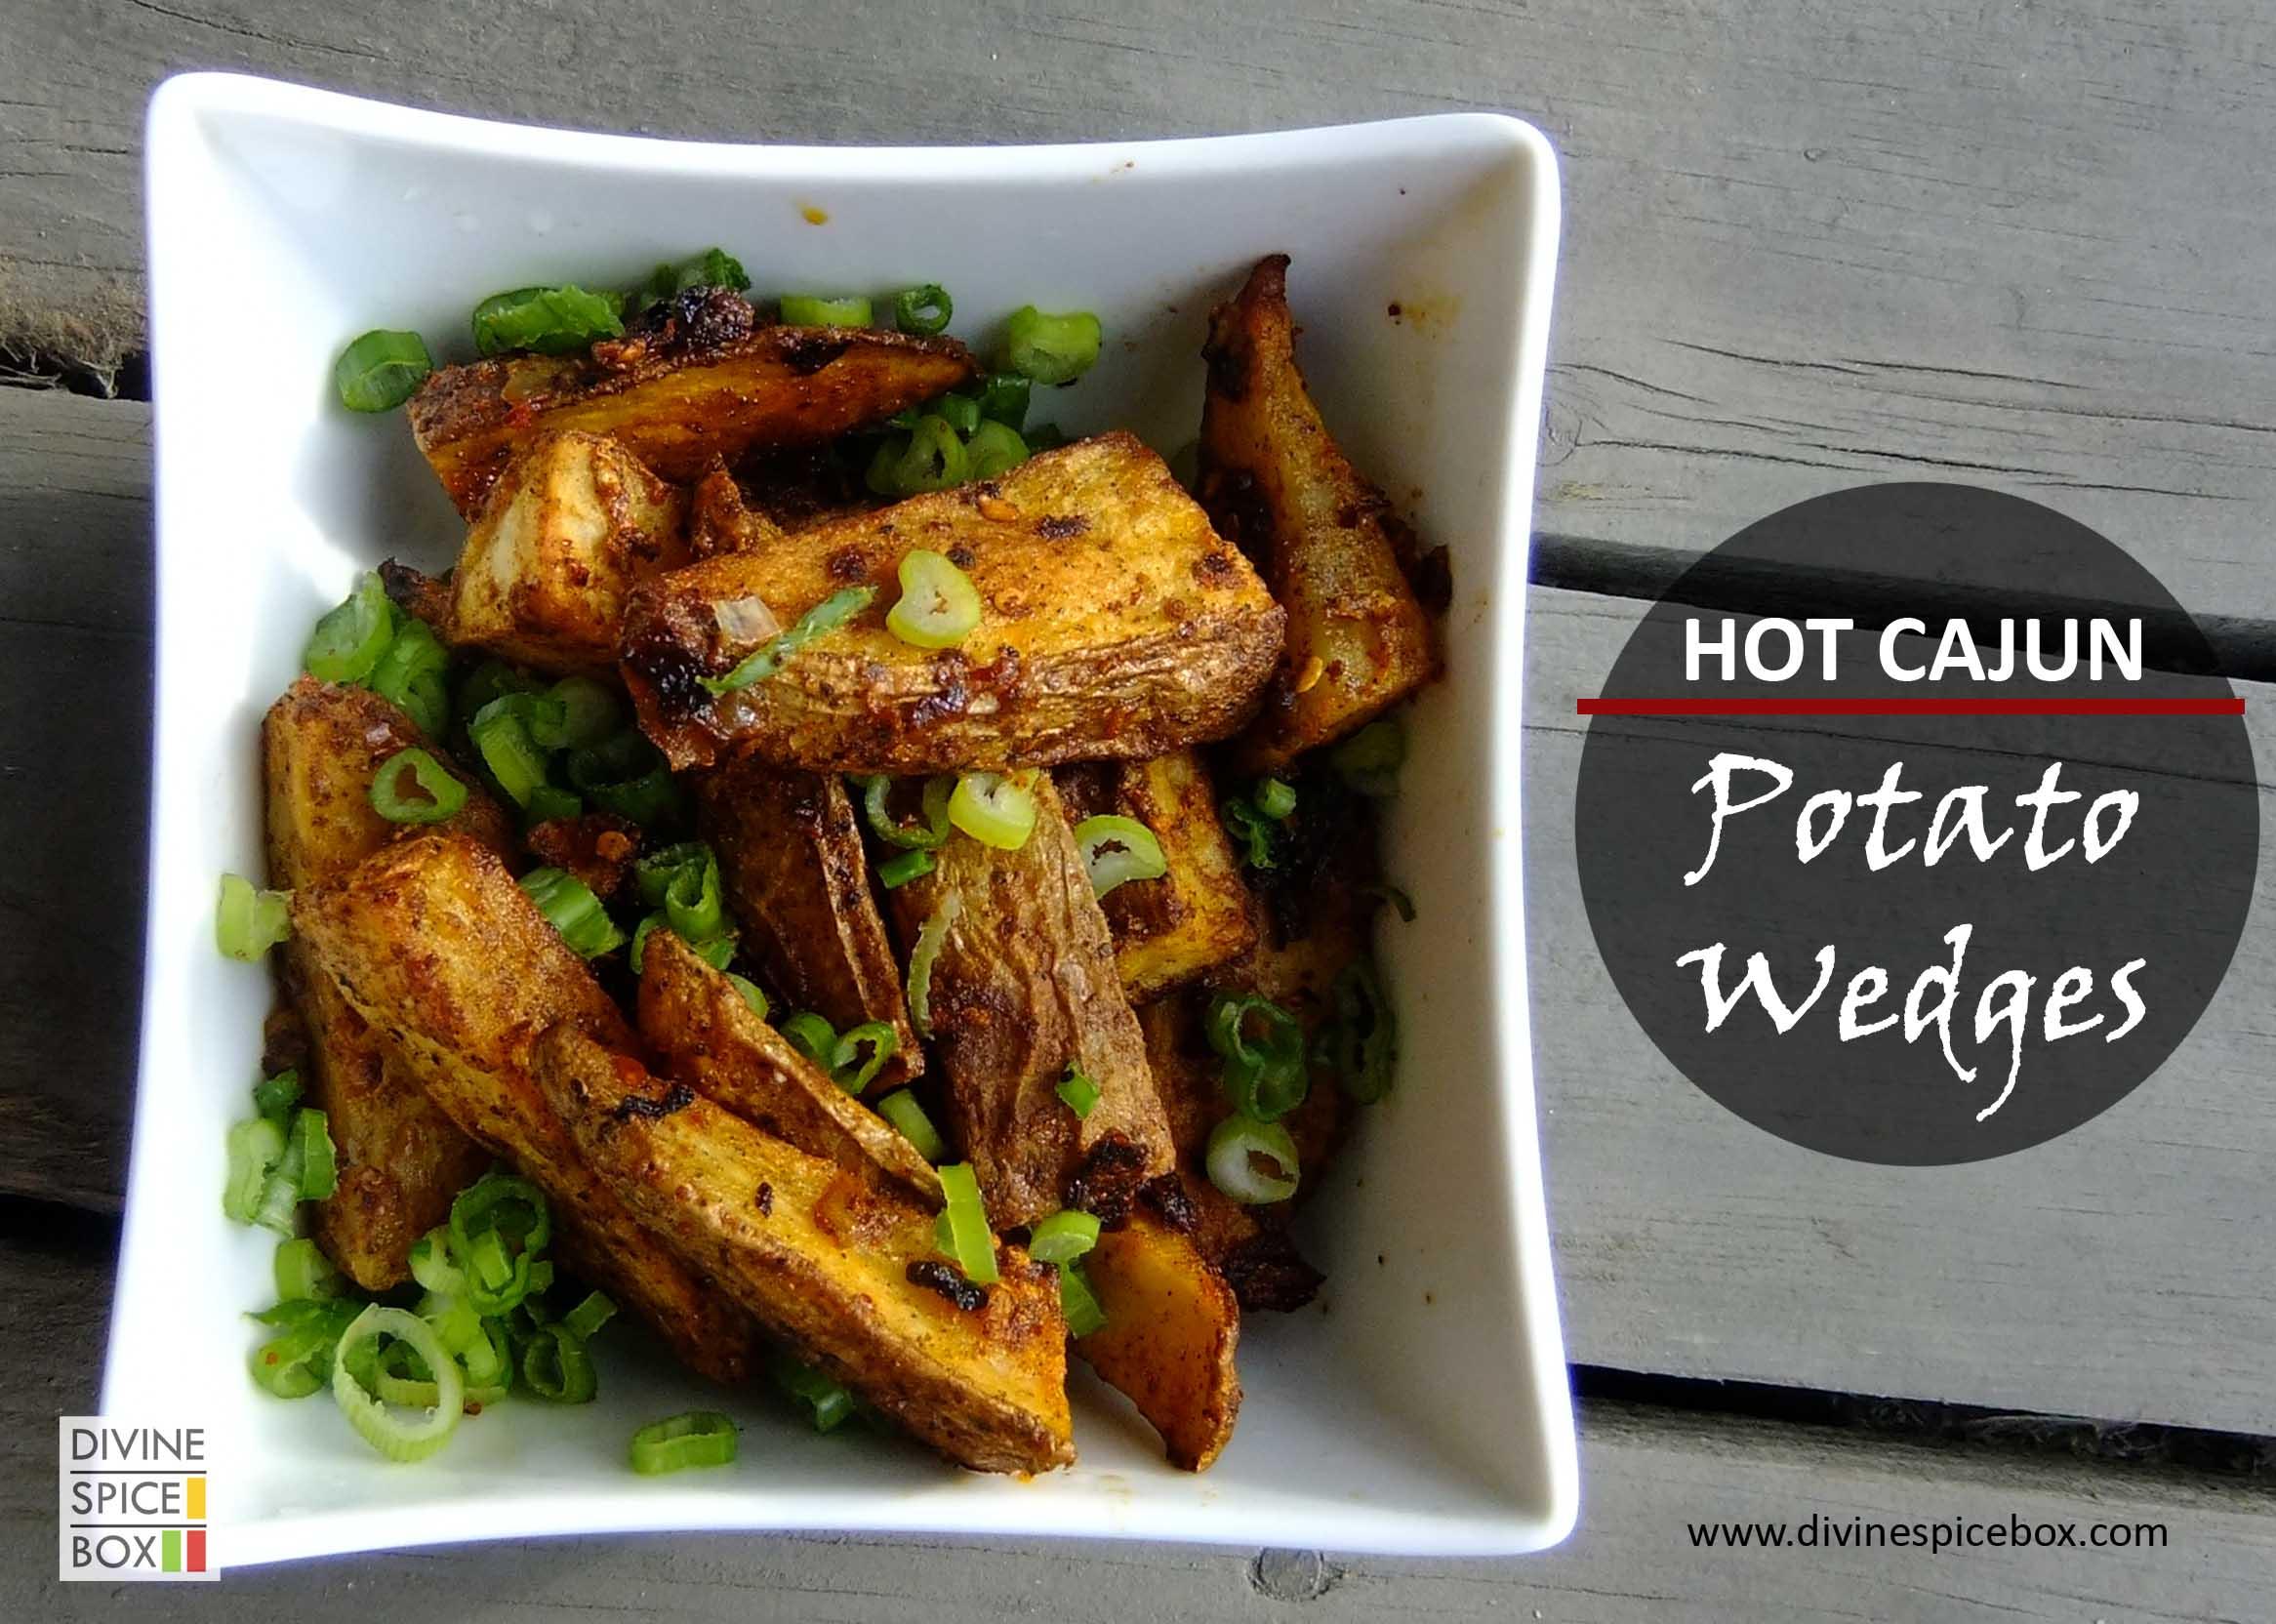 hot cajun potato wedges copy